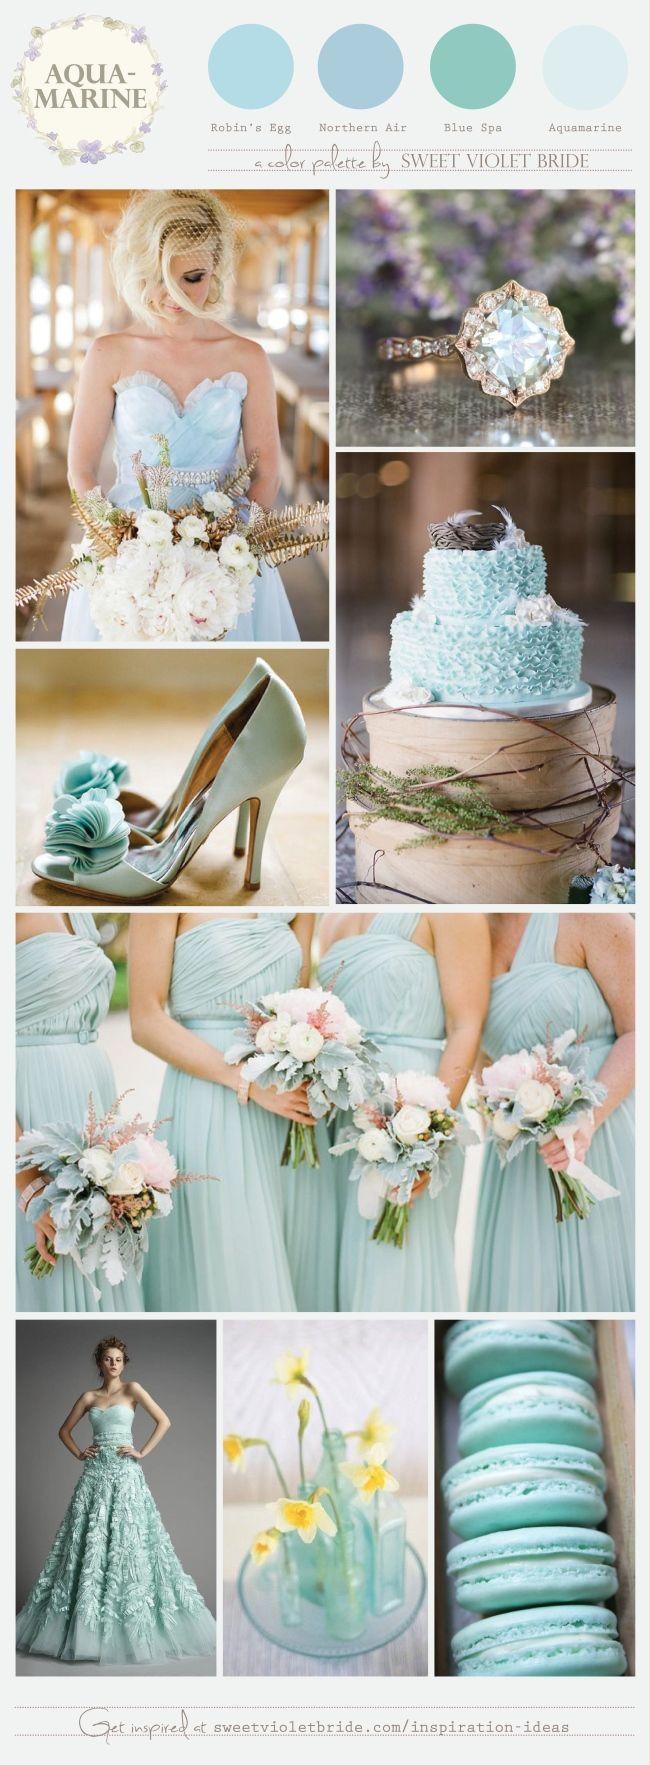 Aguamarina, como Color de paleta para boda. #BodasDeAzul